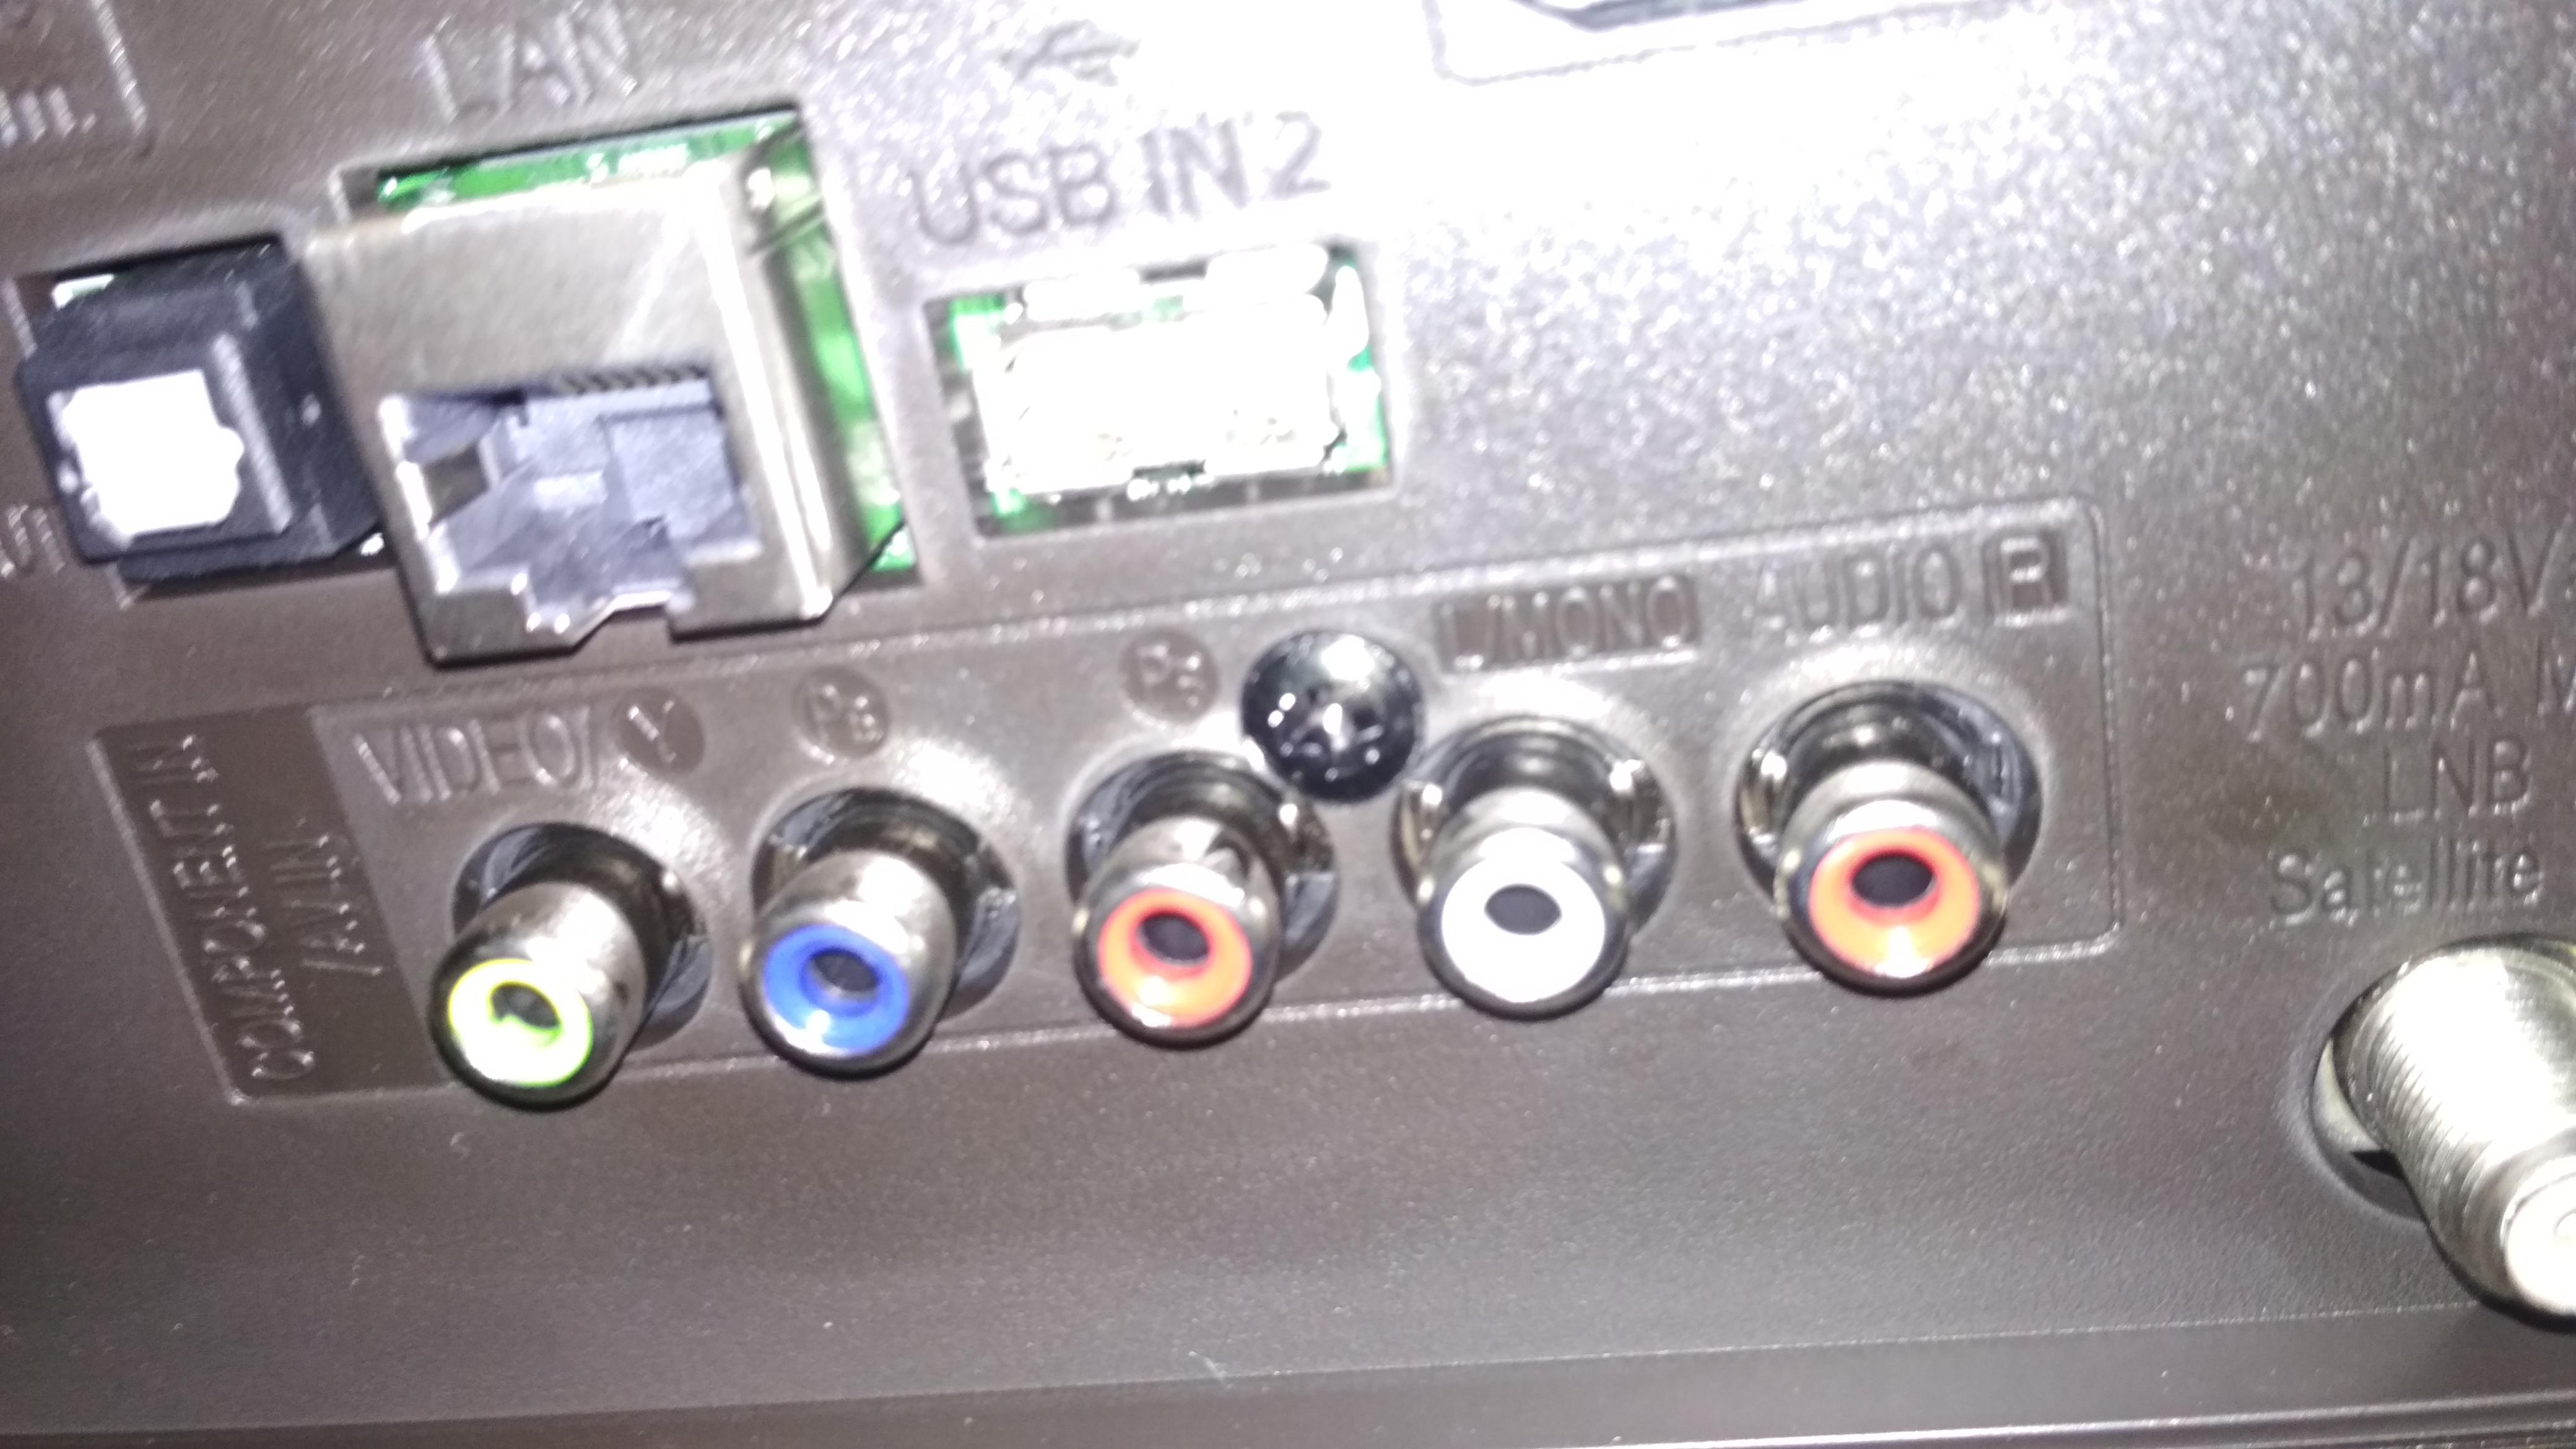 Реалтек программа на звук, Realtek HD Audio Codec Driver - скачать бесплатно Realtek 10 фотография